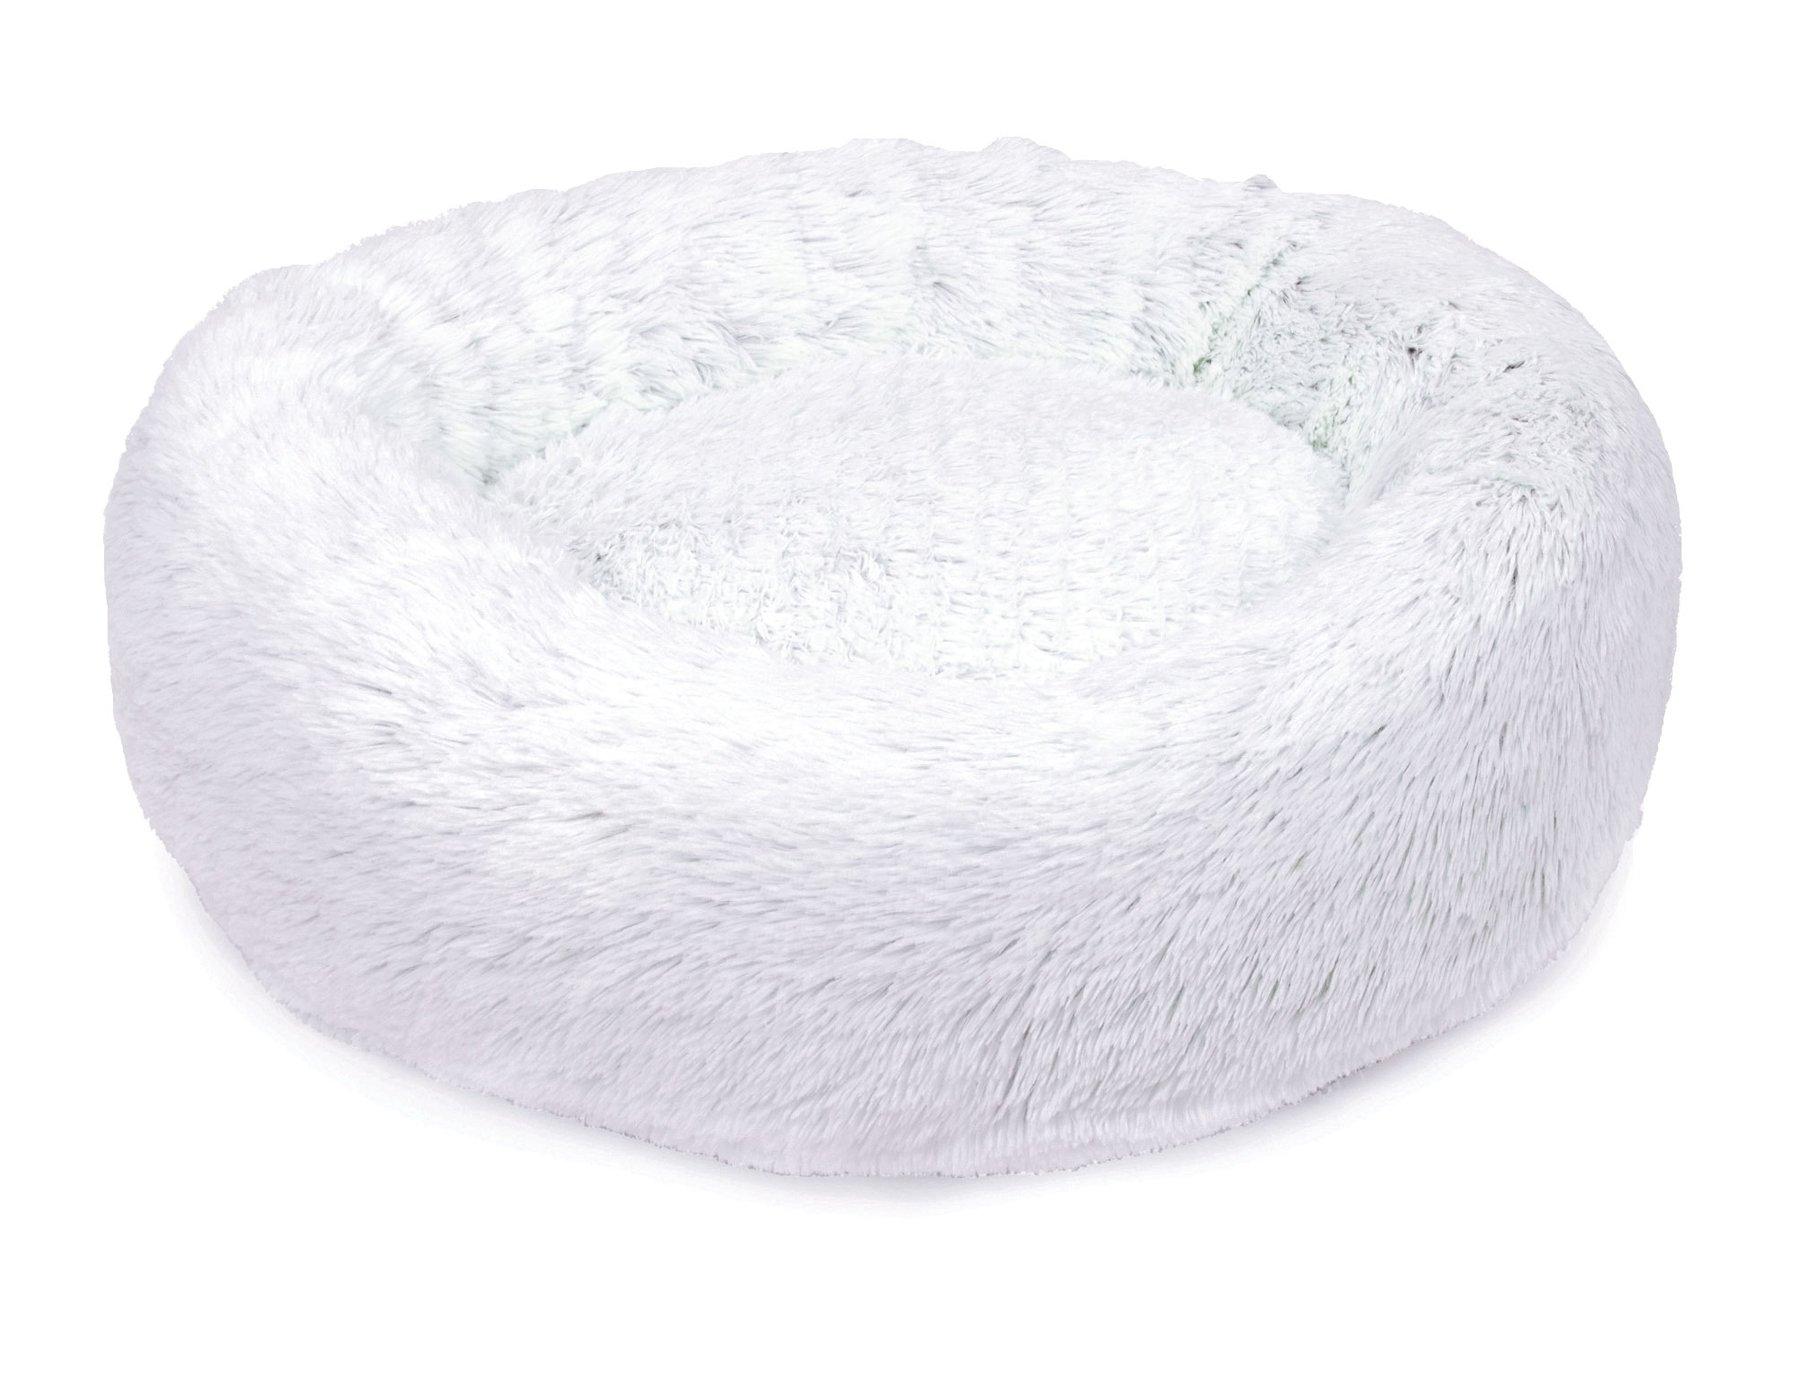 Jax and Bones Arctic Shag Donut Dog Bed, Small